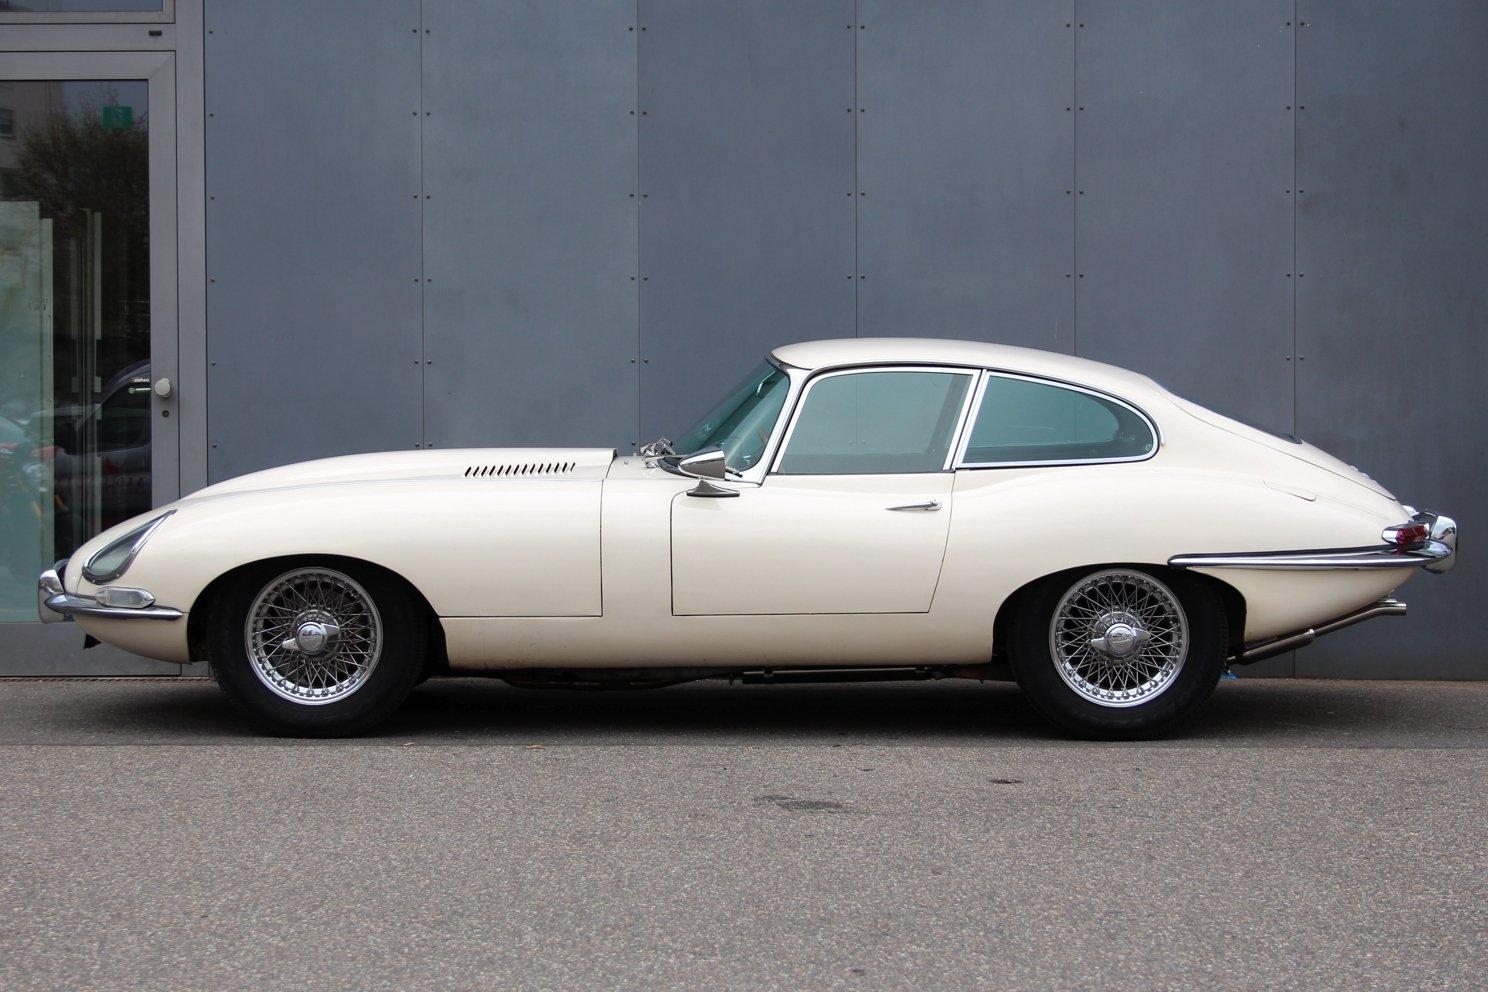 1966 Jaguar E-Type Series I 4.2 Litre Coupé LHD For Sale (picture 5 of 6)